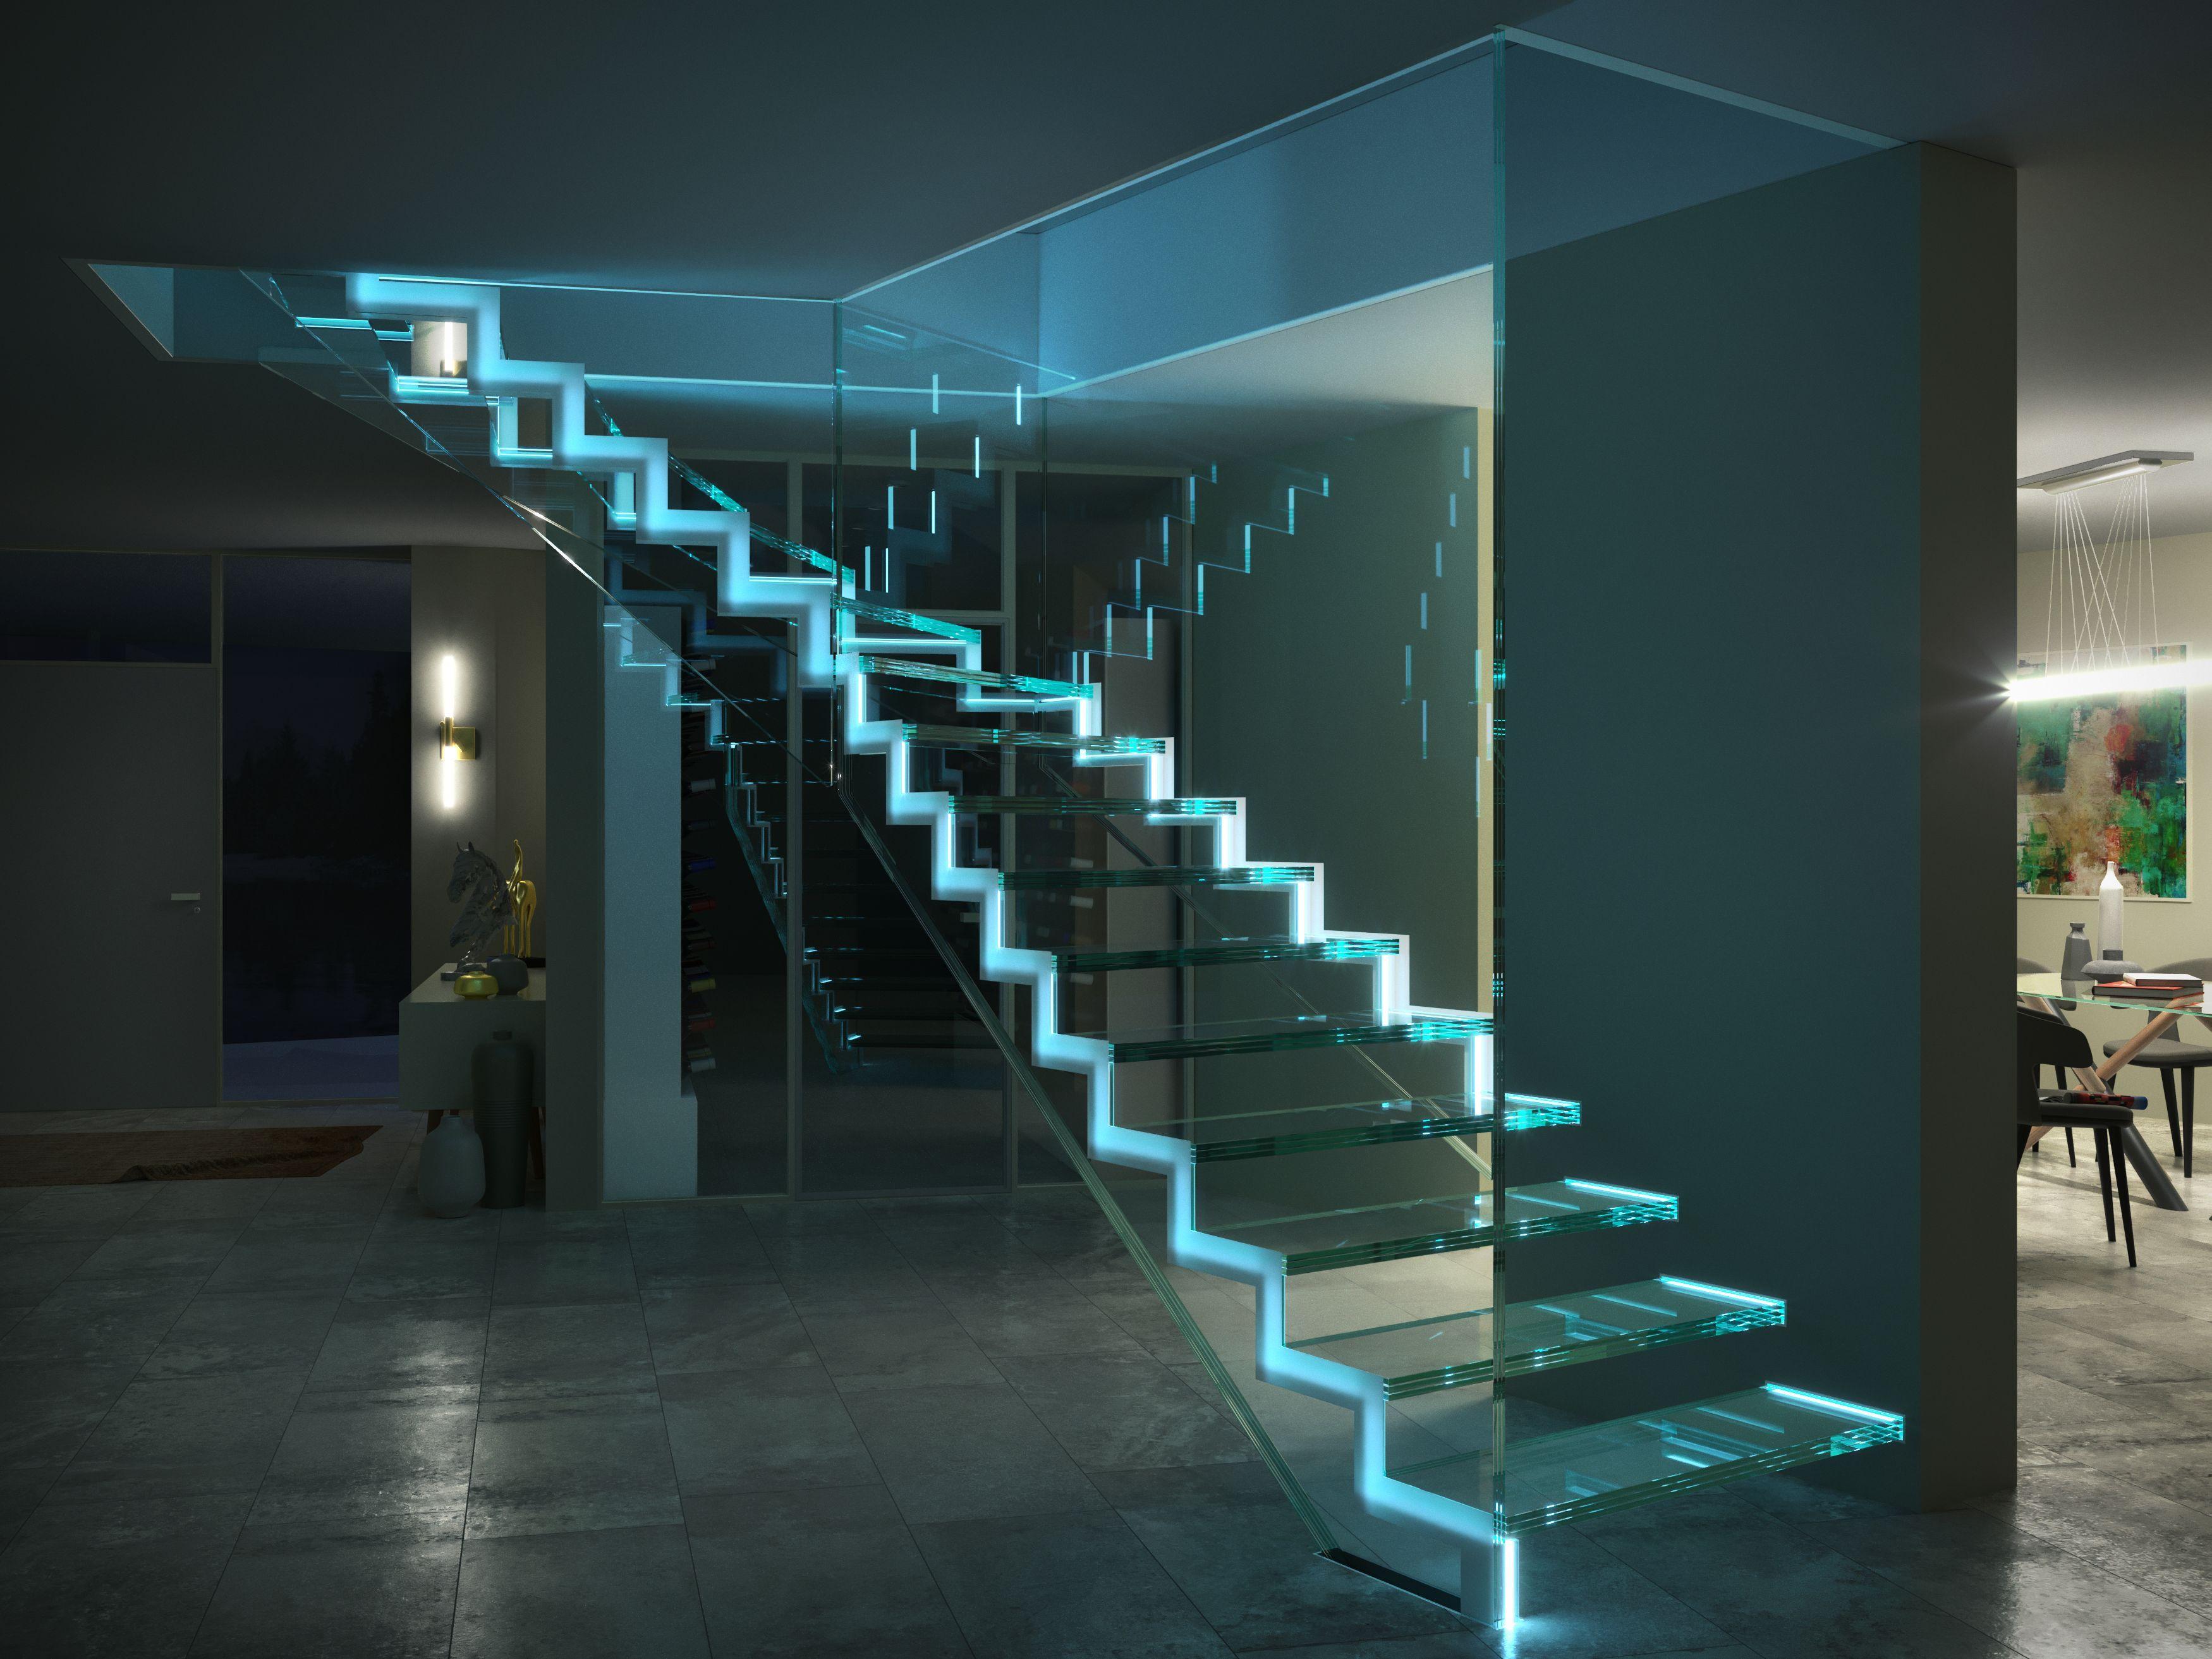 Einfaches haustürdesign ganzglastreppe mit led einfach siller treppen llertreppen